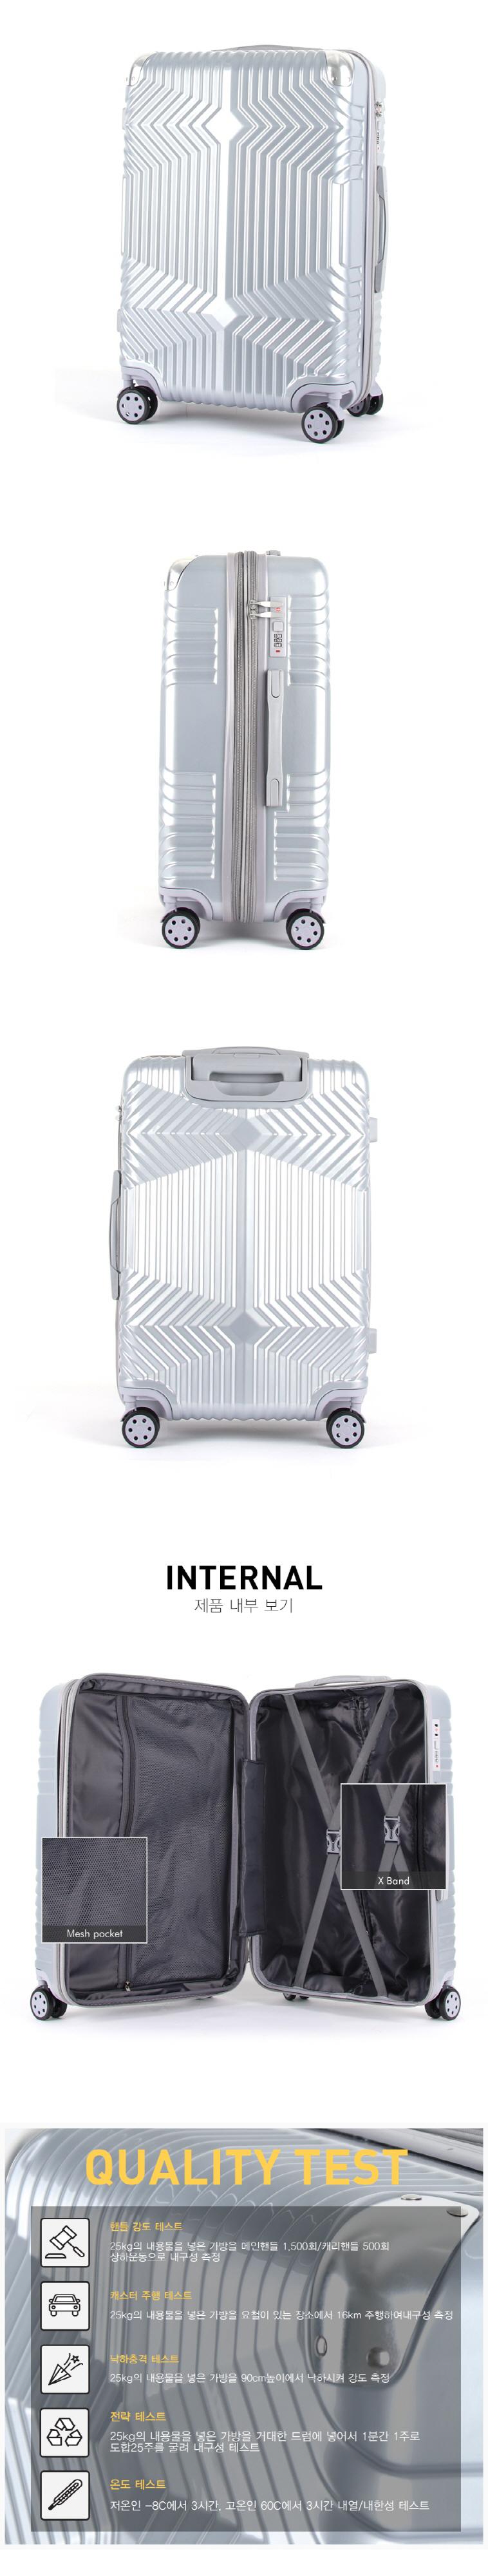 싸이노 다이아 로즈골드 24인치 하드캐리어 여행가방 - 꼬뱅, 120,000원, 하드형, 중형(24형) 이하